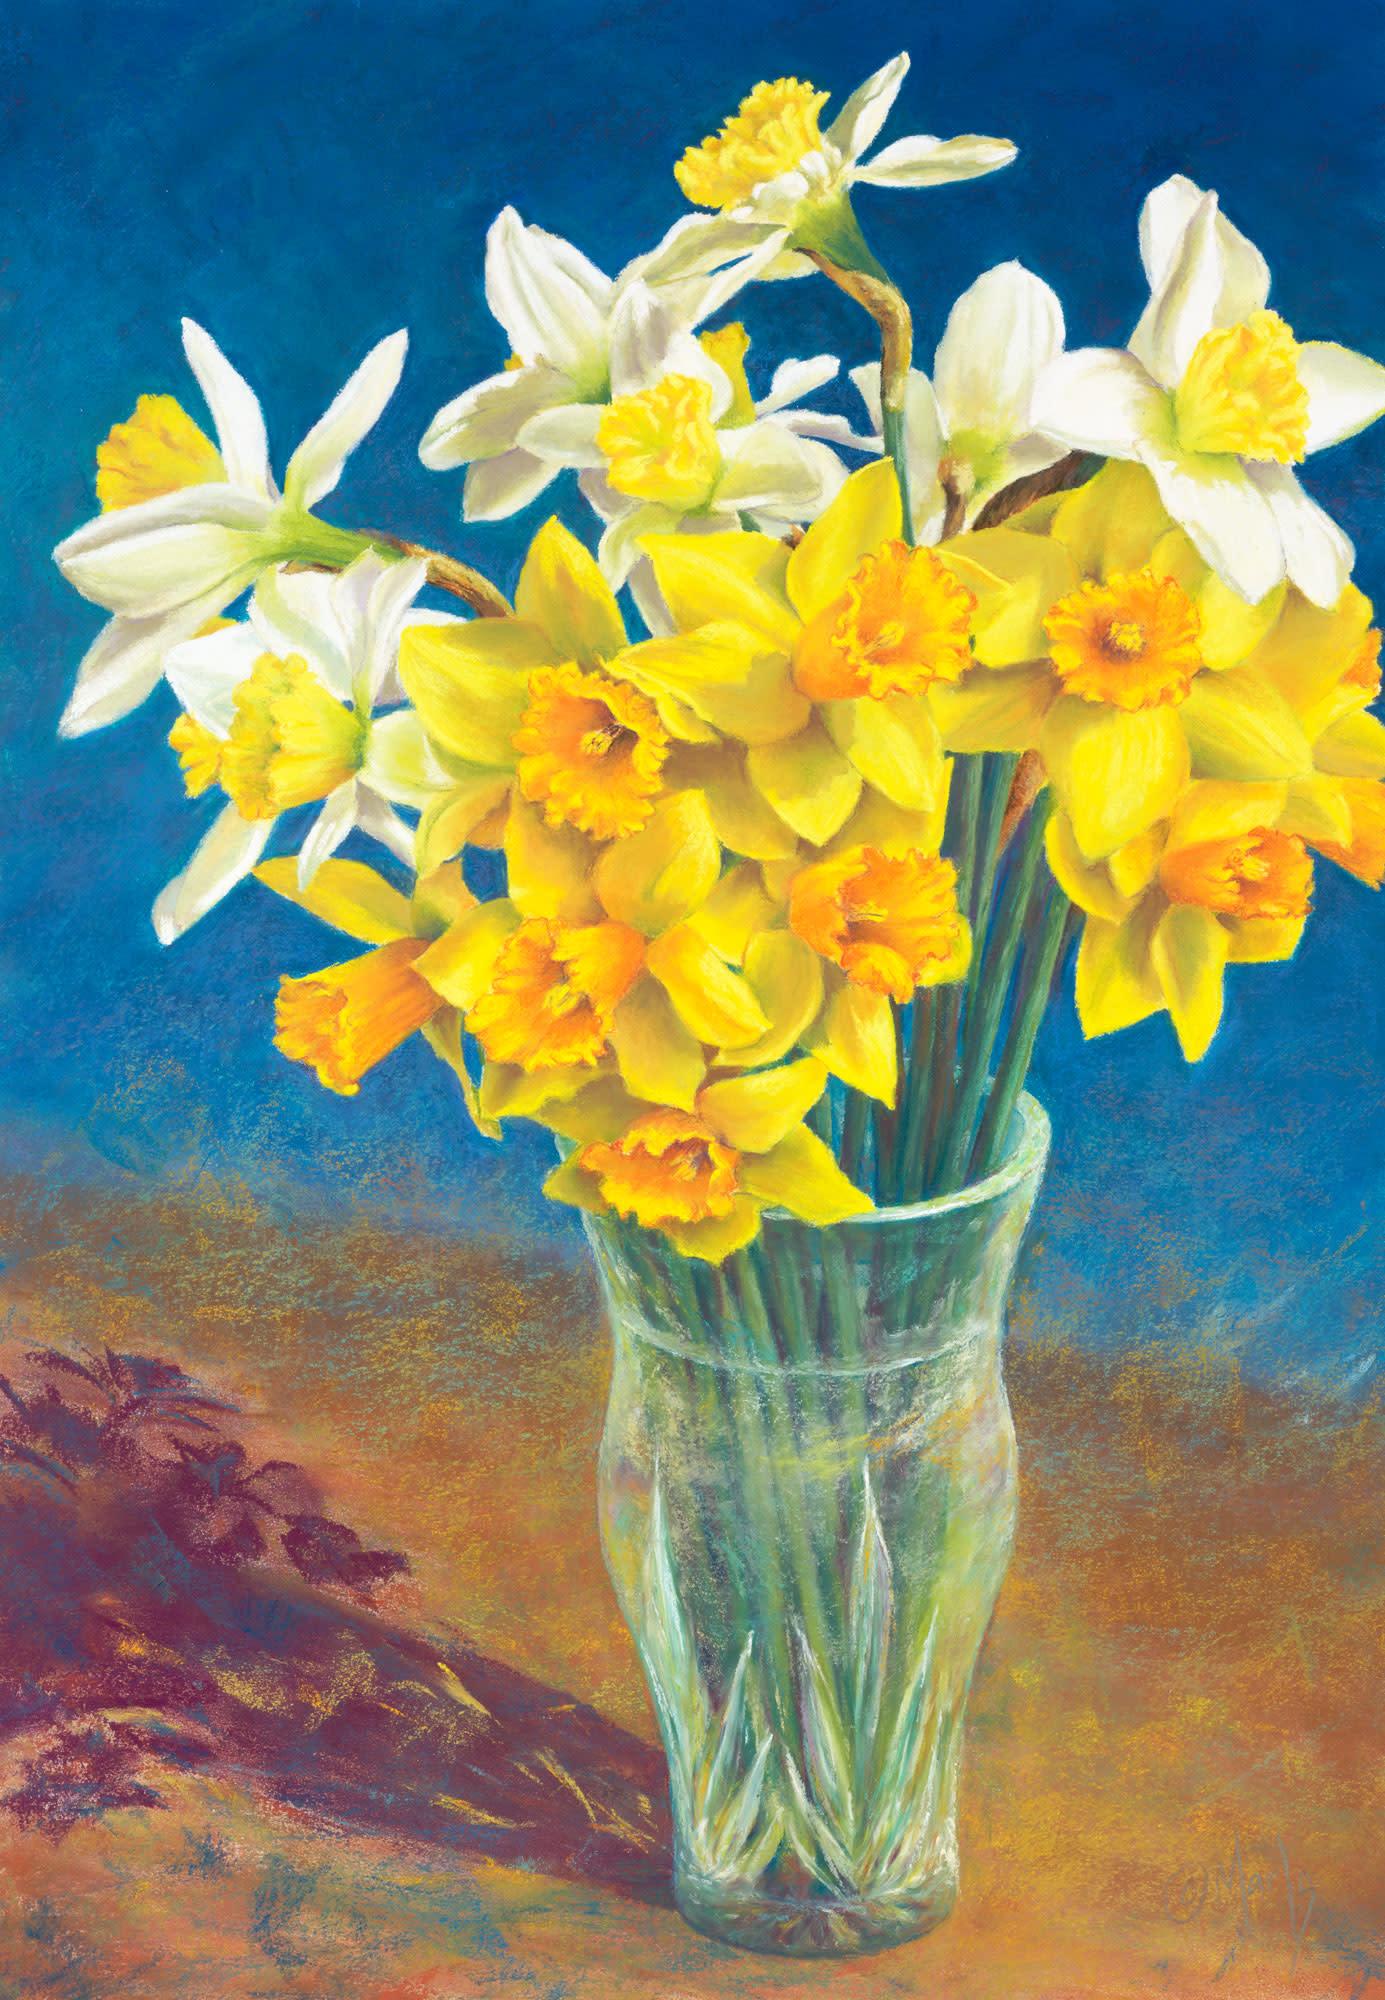 M millard 027 daffodil day c78ipl